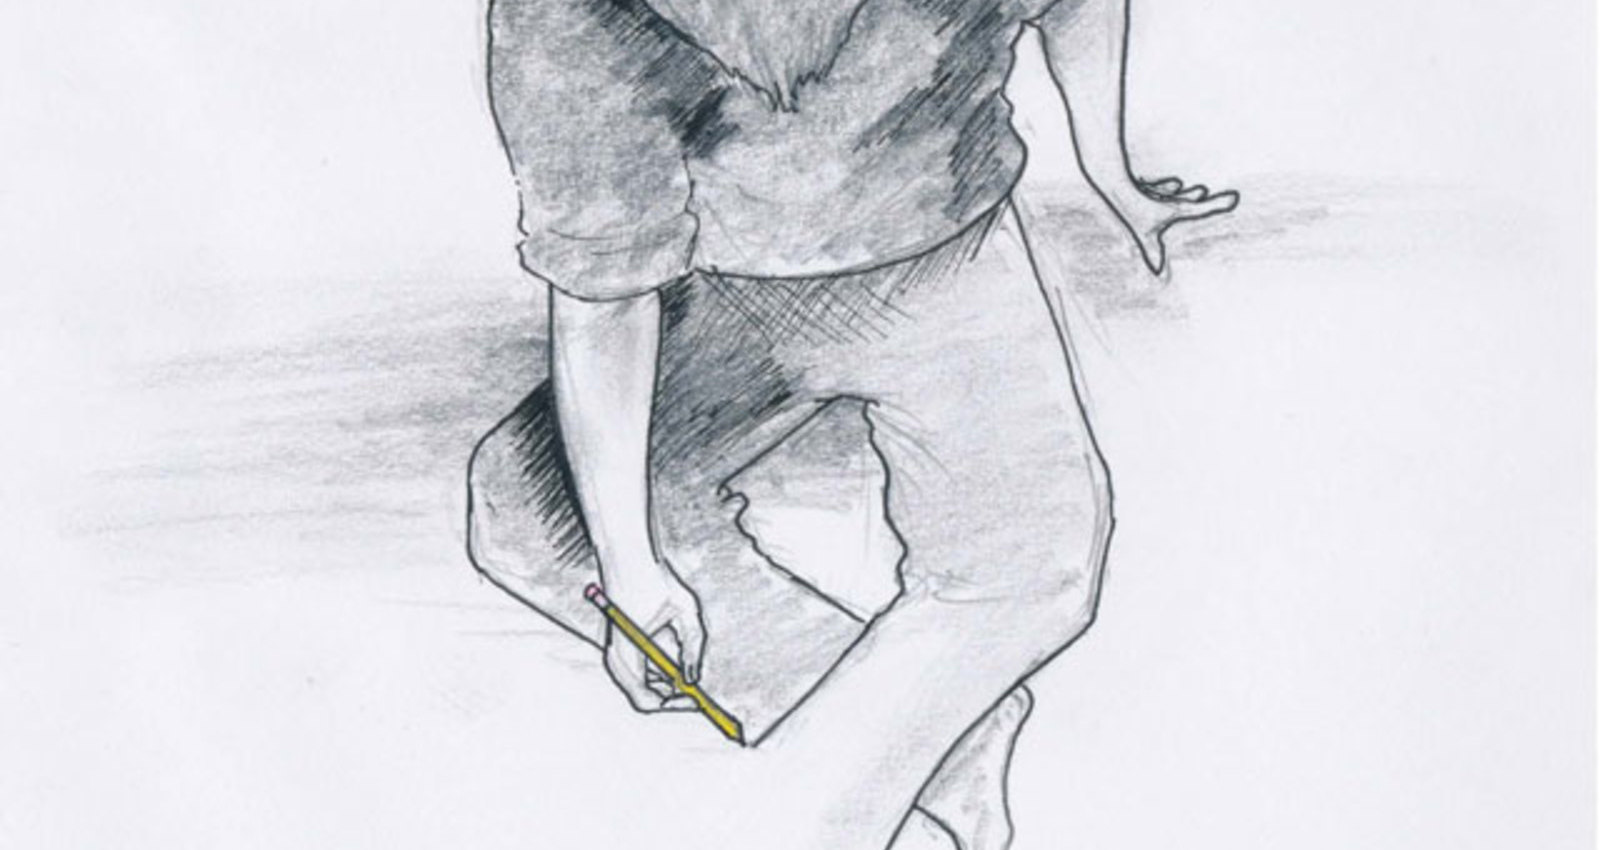 BodySketch